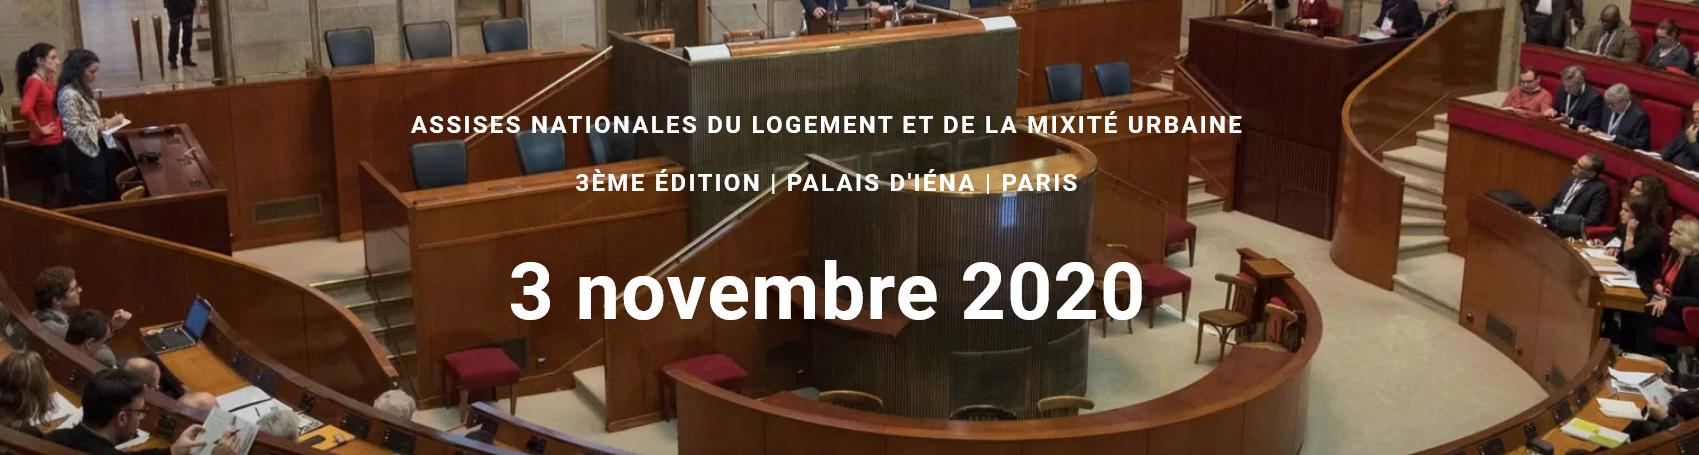 Assises Nationales du Logement et de la Mixité Urbaine – Paris le 3 Novembre 2020